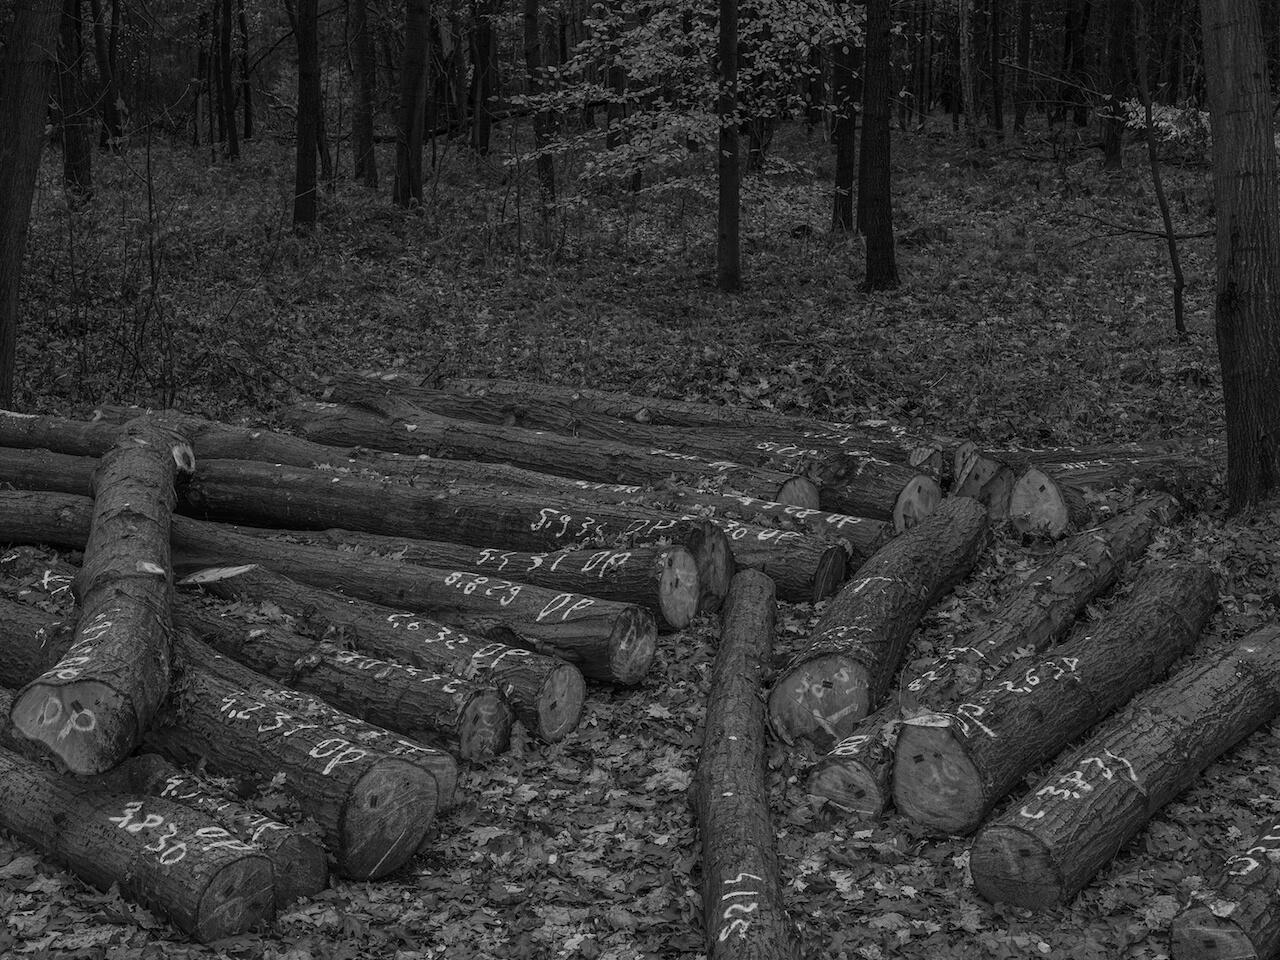 Pnie ściętych drzew